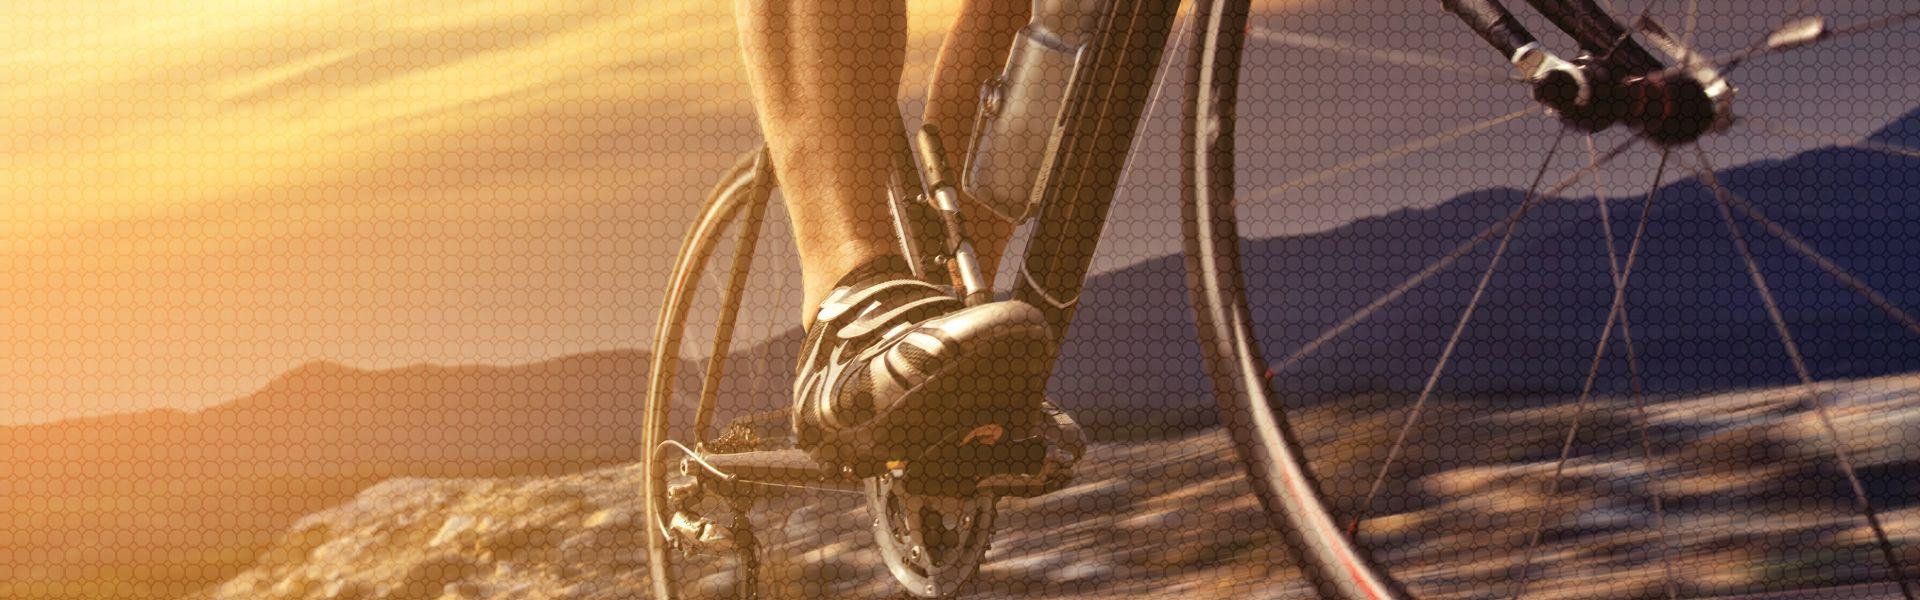 Cetsné bicykle